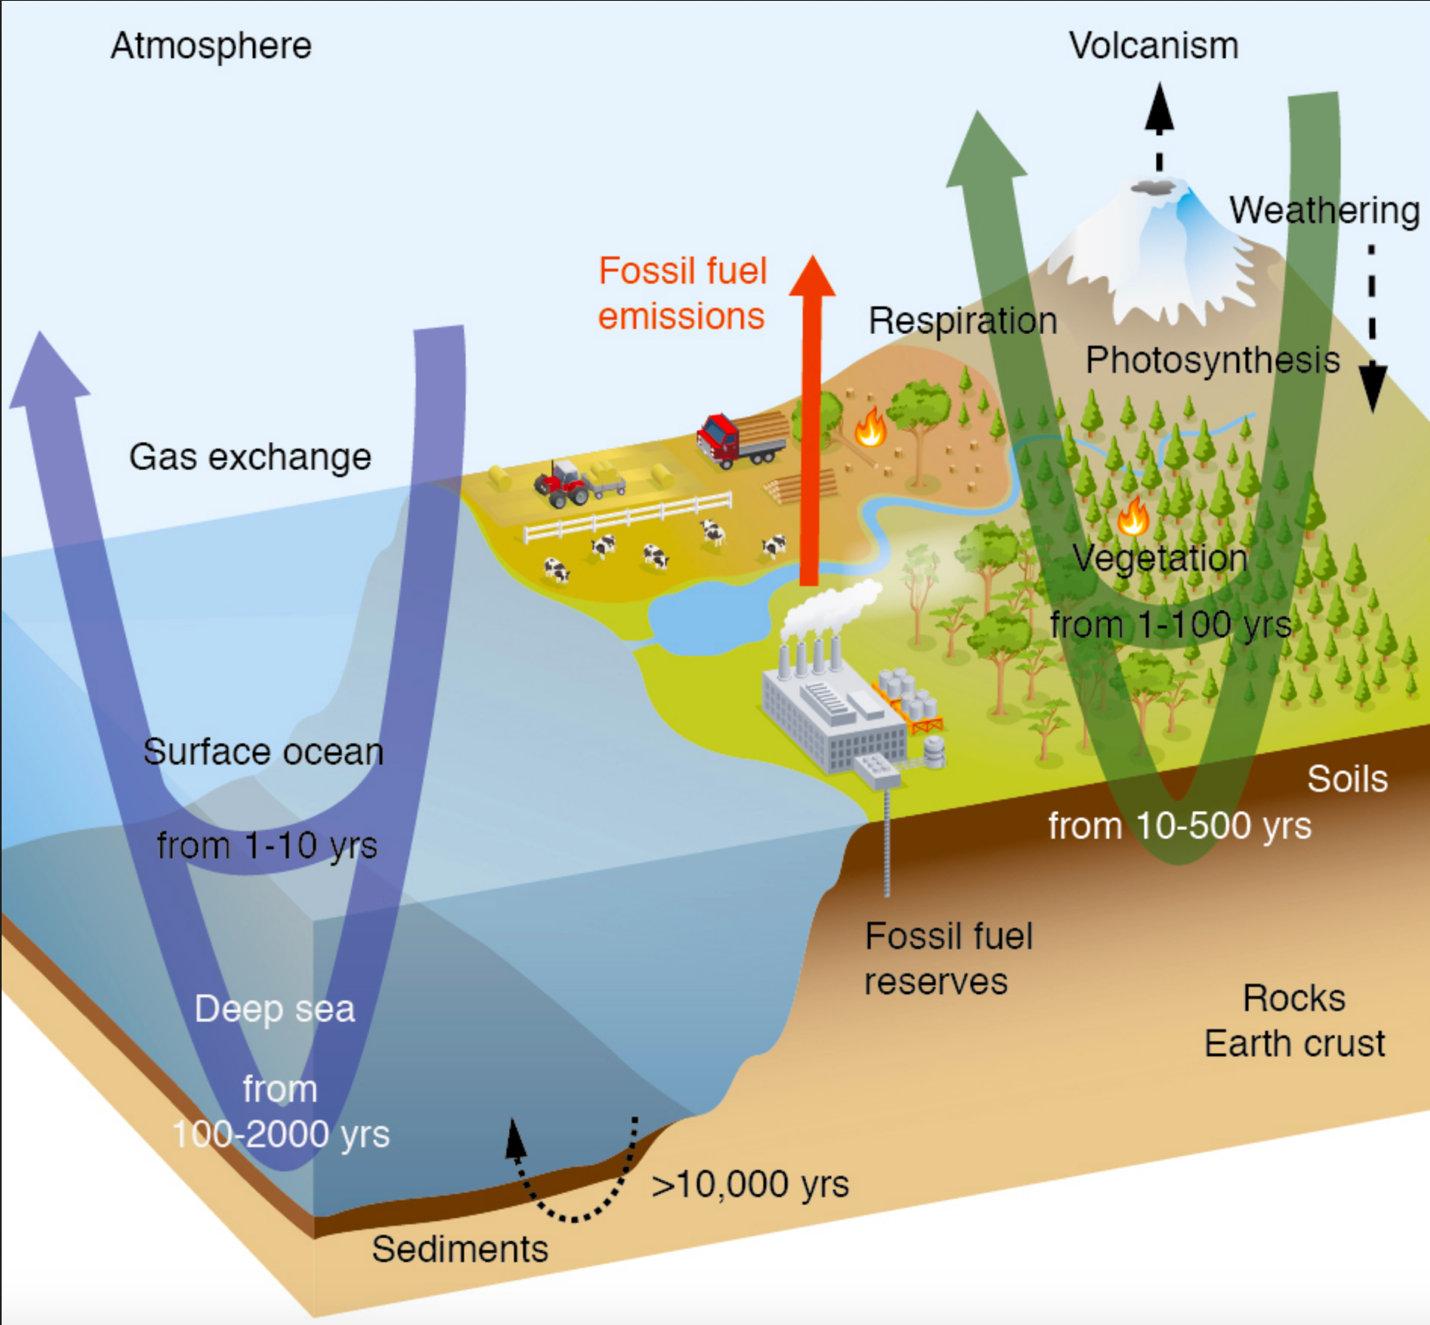 Рис.2. Упрощенная схема глобального углеродного цикла, показывающая типичные временные масштабы оборота переноса углерода через основные резервуары. Источник:ipcc.ch/site/assets/uploads/2018/02/WG1AR5_Chapter06_FINAL.pdf